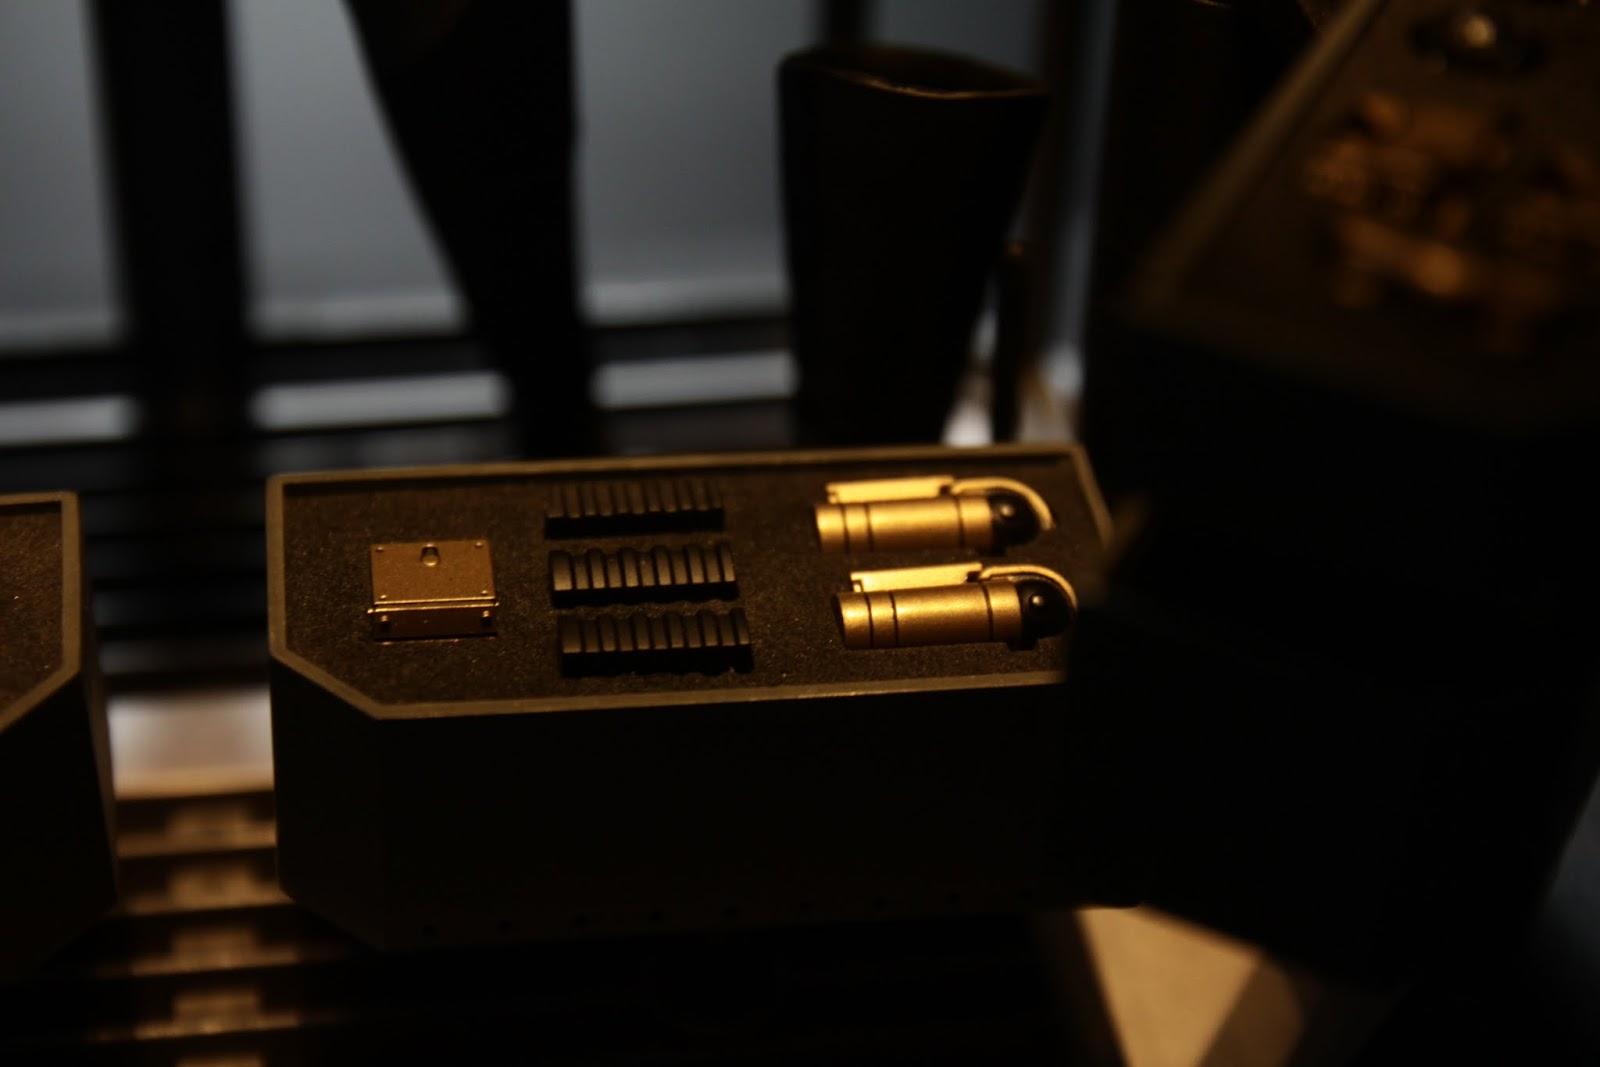 另一邊則是放煙霧彈及拋繩槍的彈匣